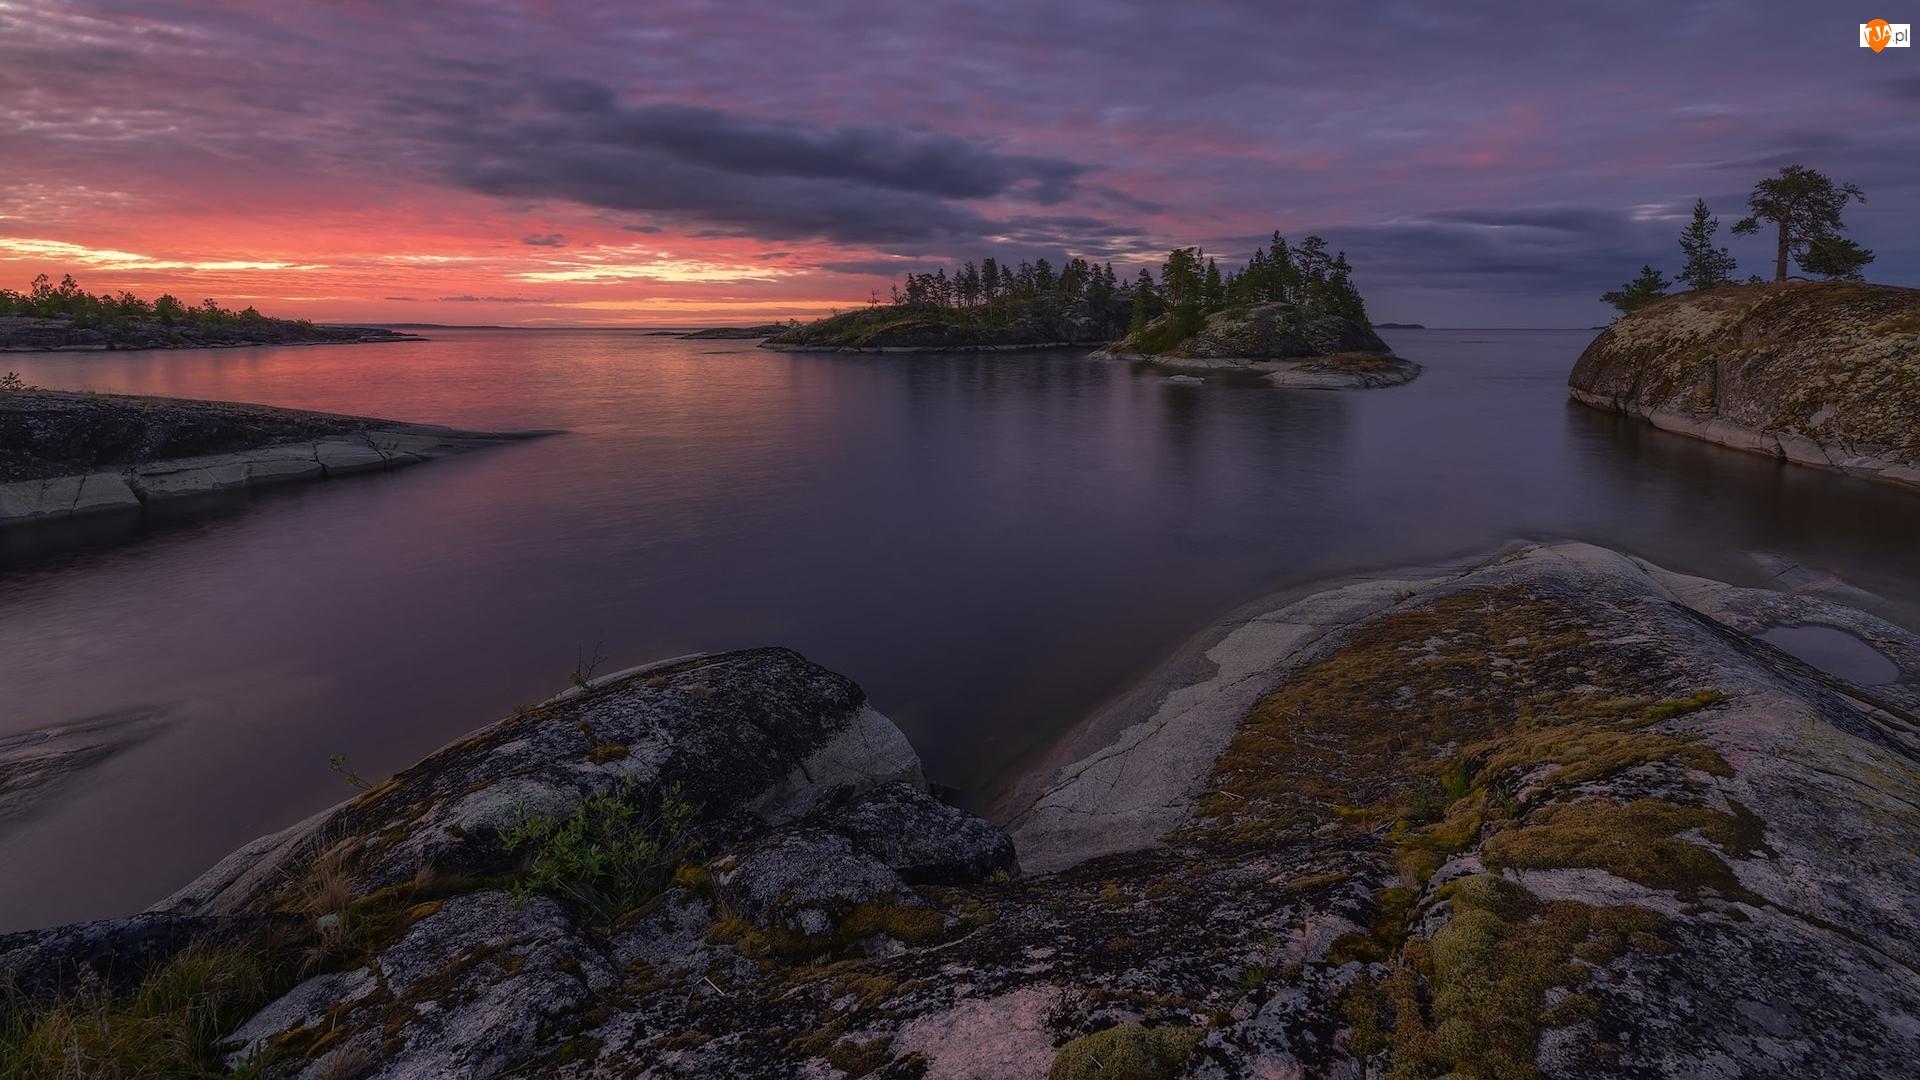 Karelia, Jezioro Ładoga, Drzewa, Rosja, Wysepka, Skały, Zachód słońca